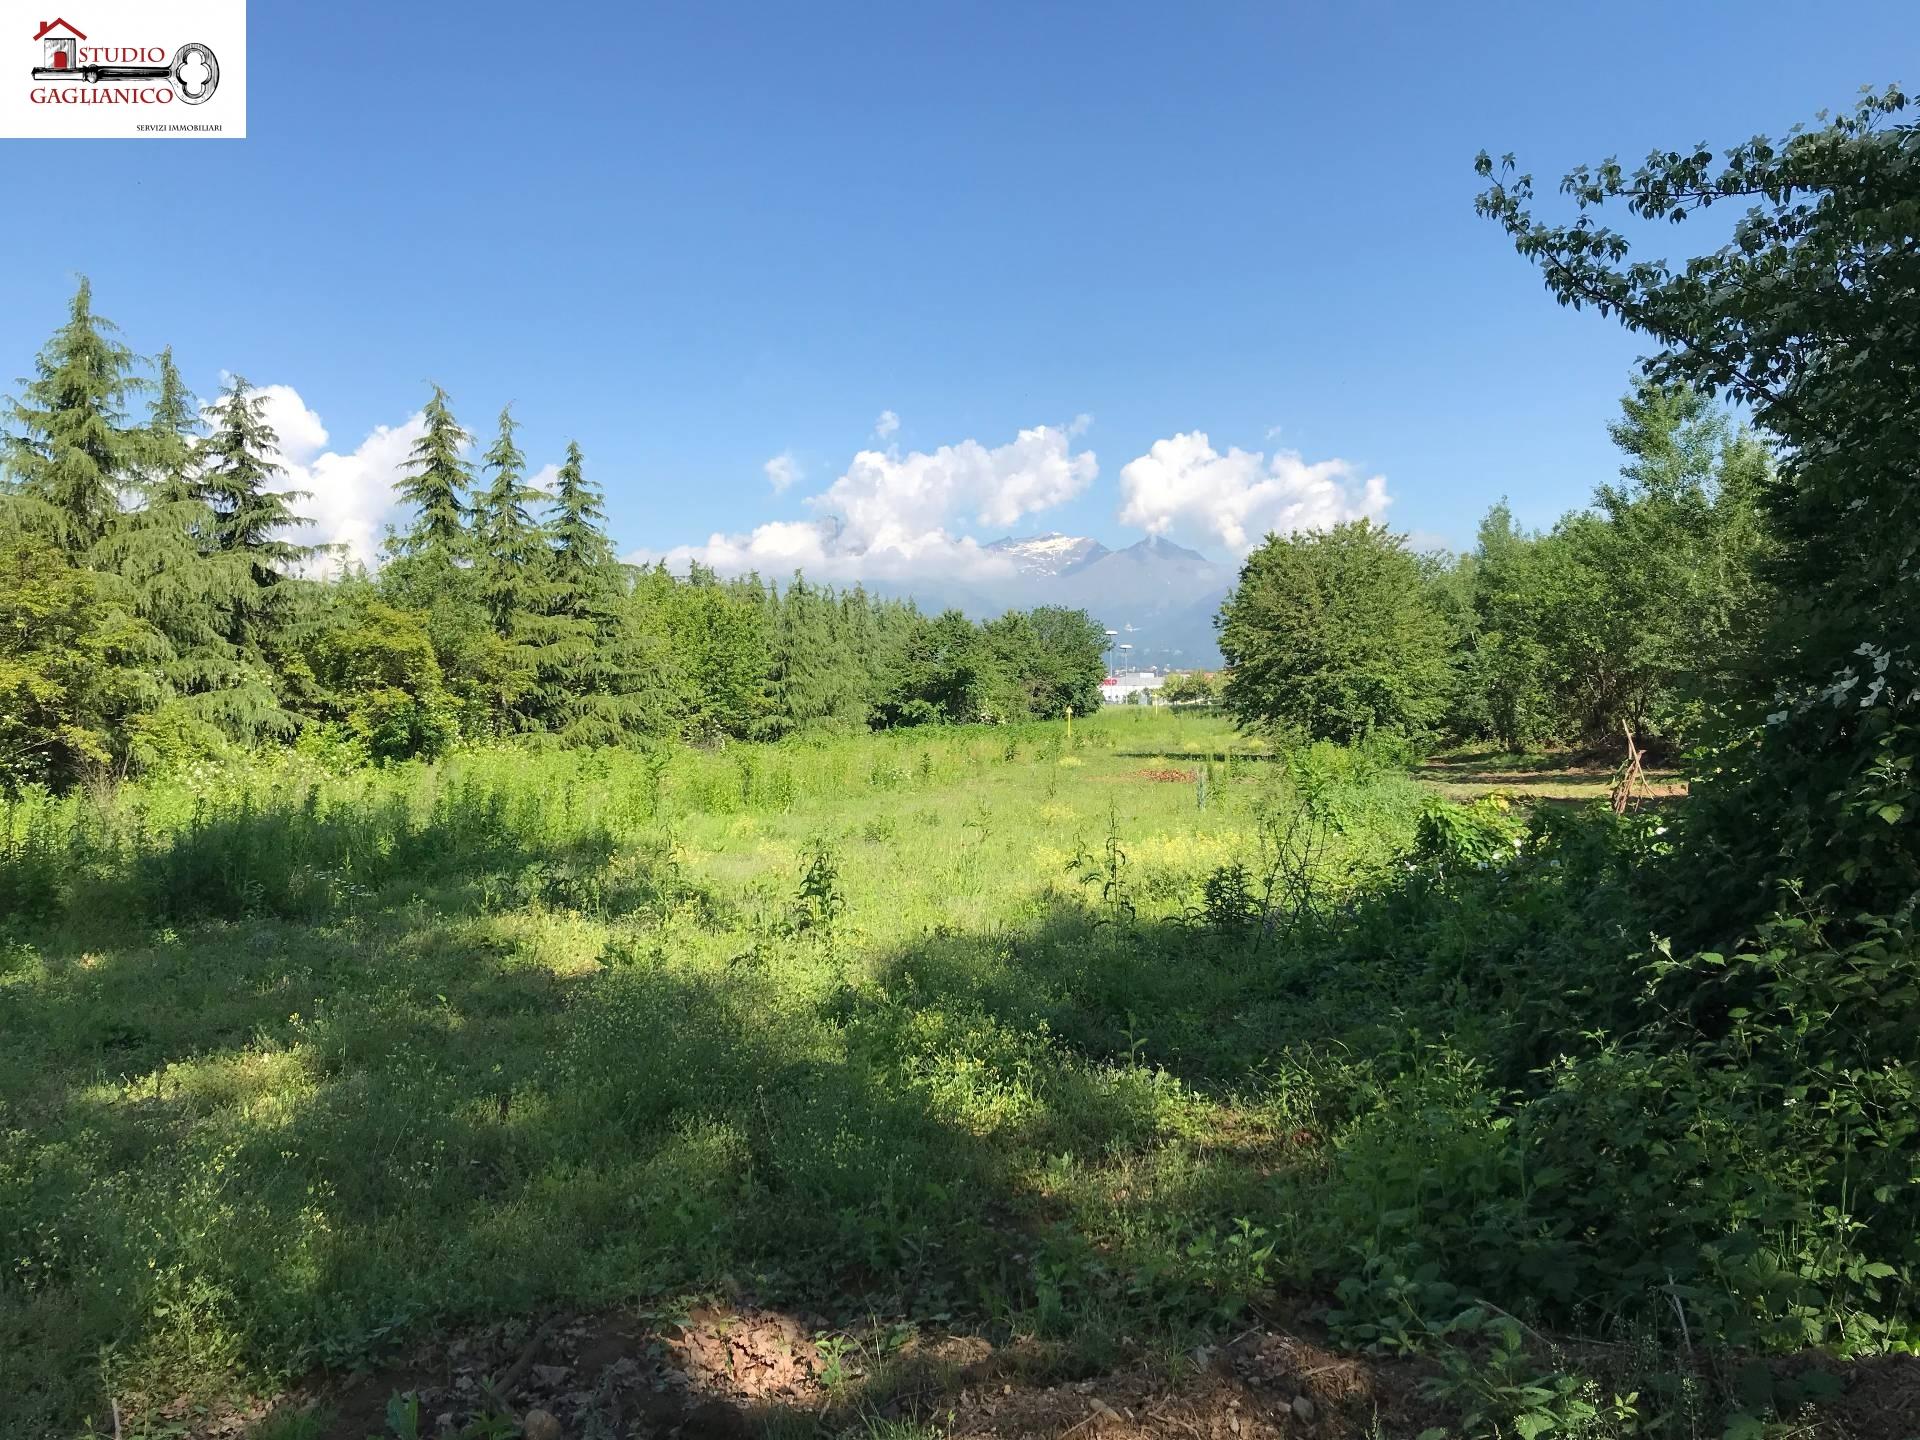 Terreno agricolo in vendita a Gaglianico (BI)